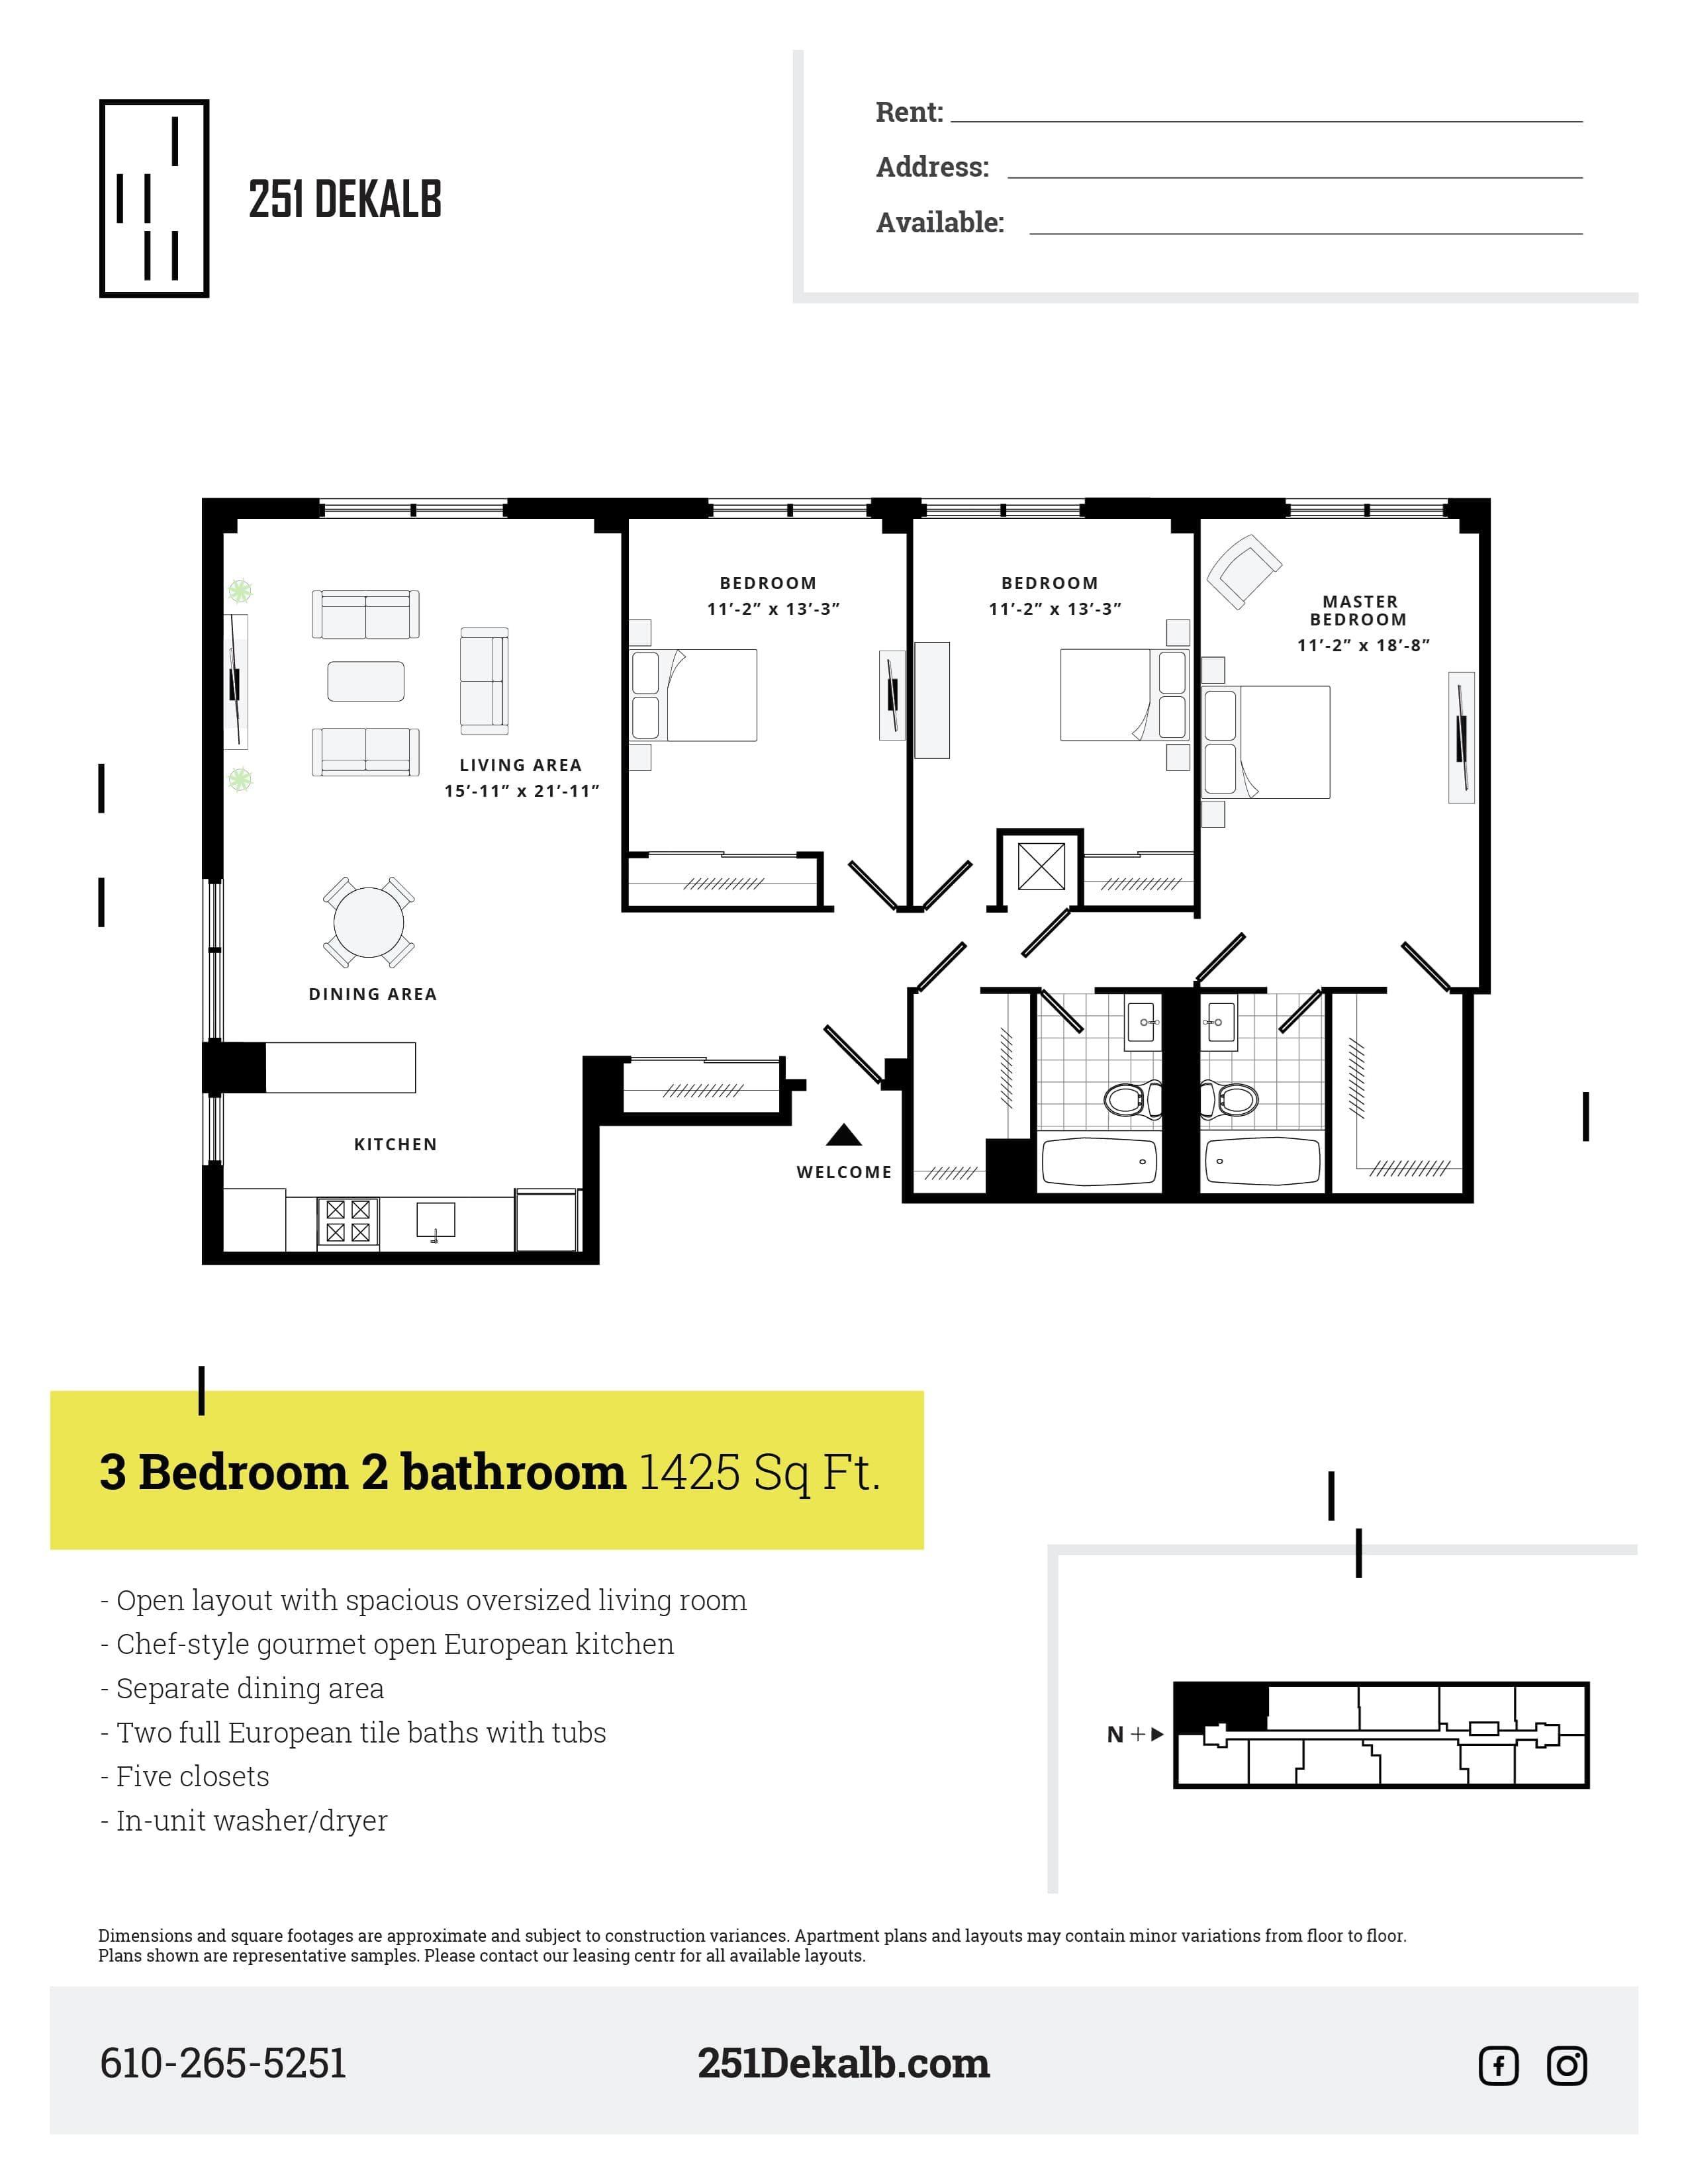 3 Bed 2 Bath Deluxe Floor Plan 16